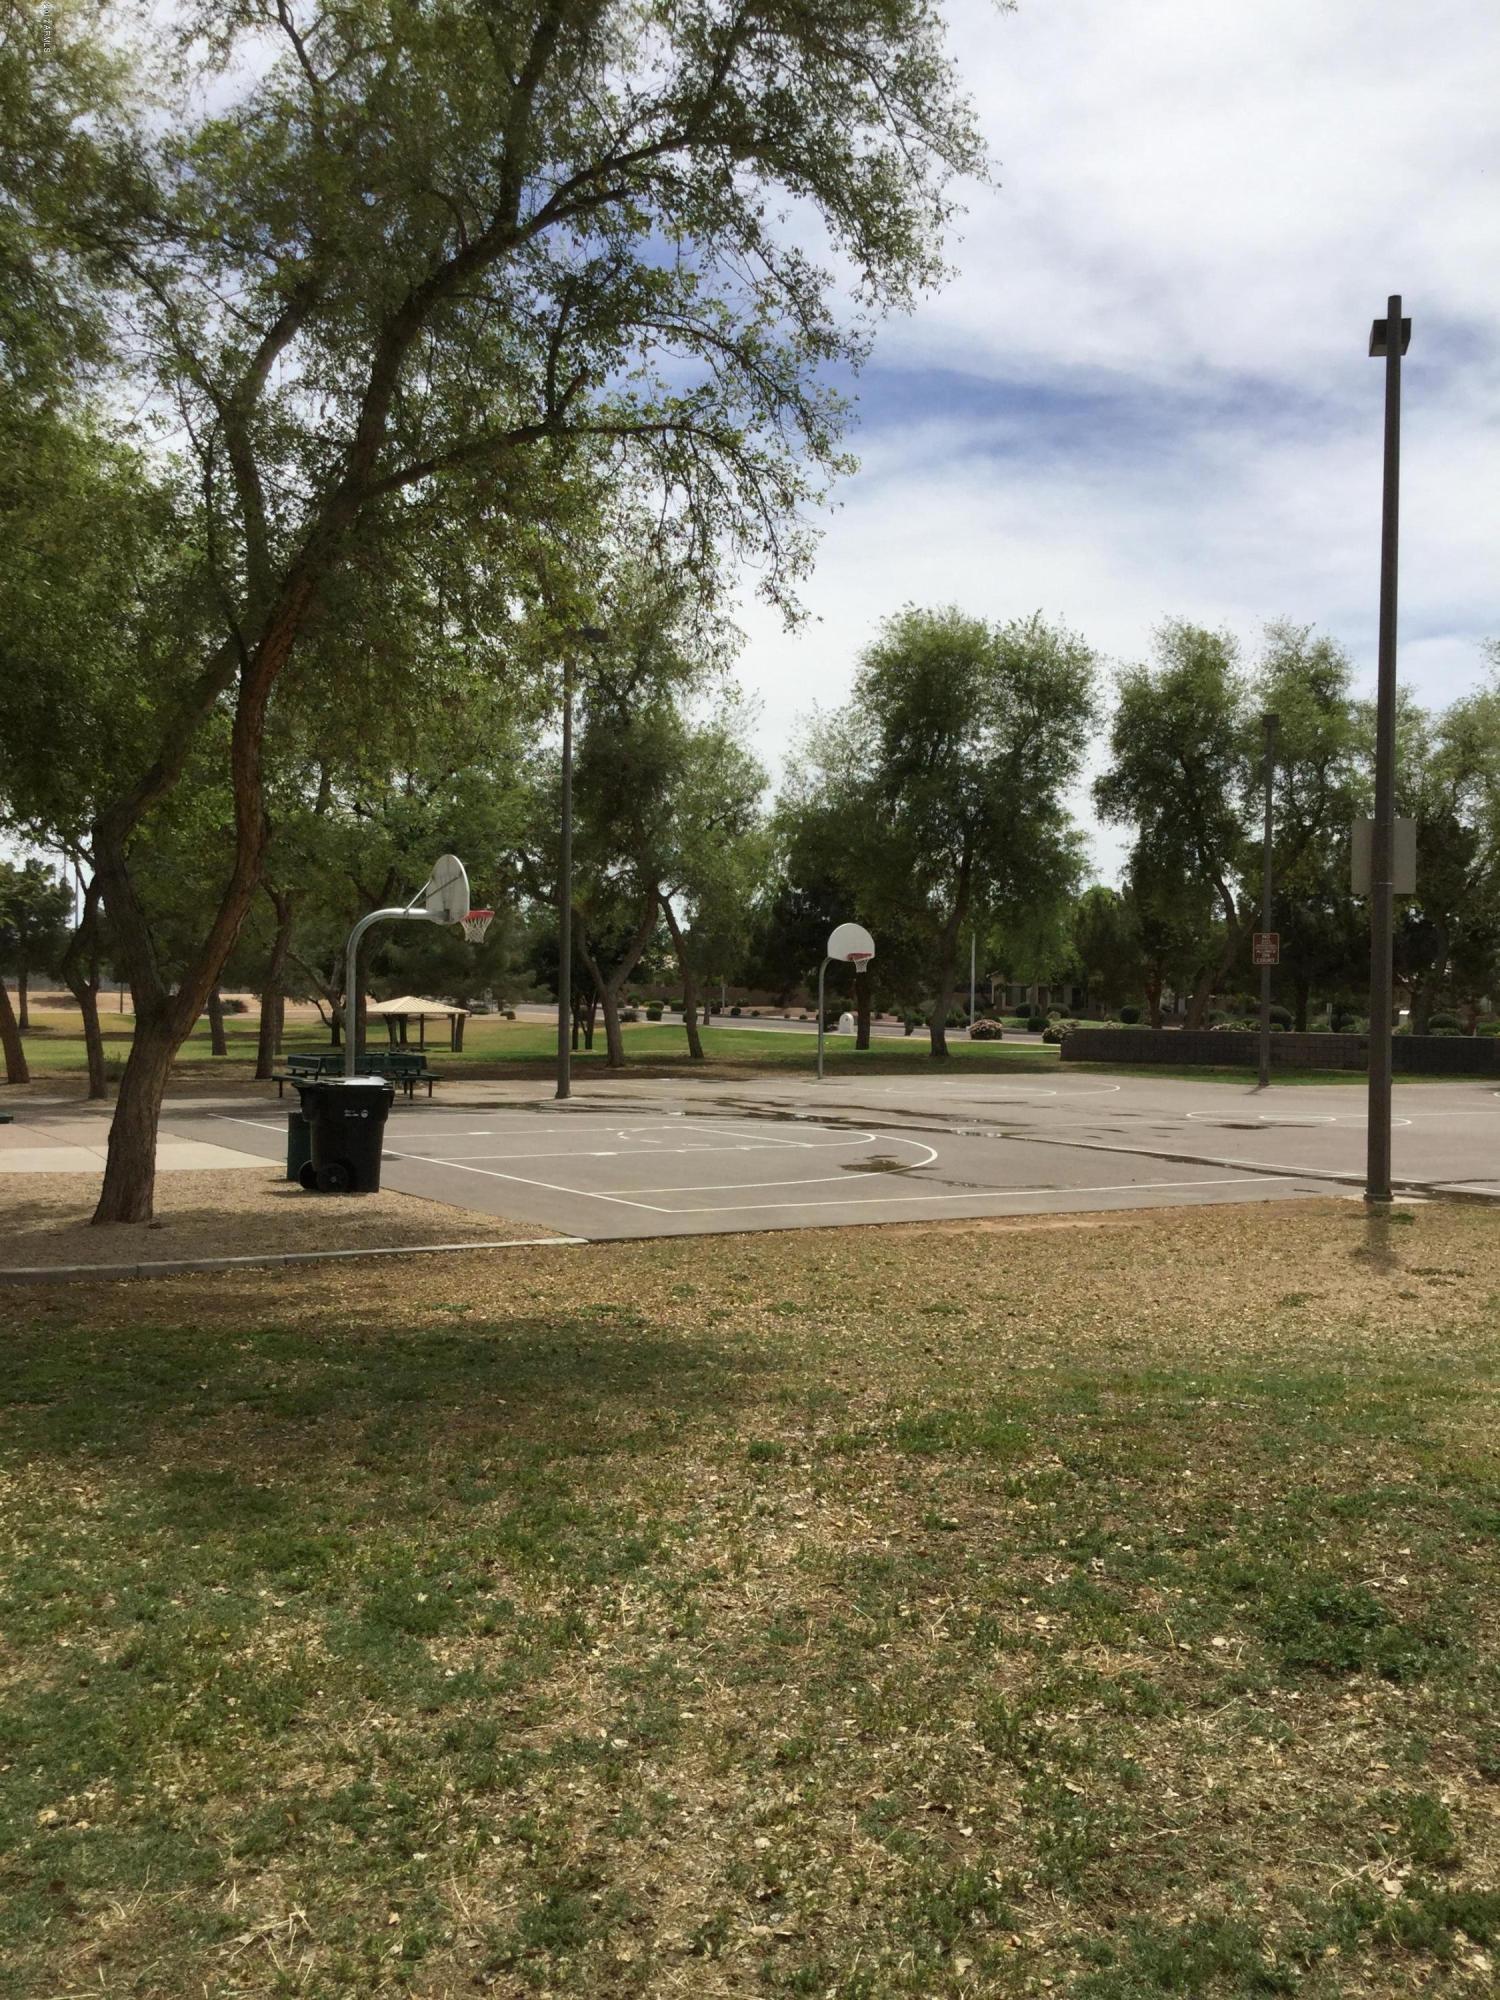 MLS 5595296 1070 W KINGBIRD Drive, Chandler, AZ 85286 Chandler AZ Clemente Ranch